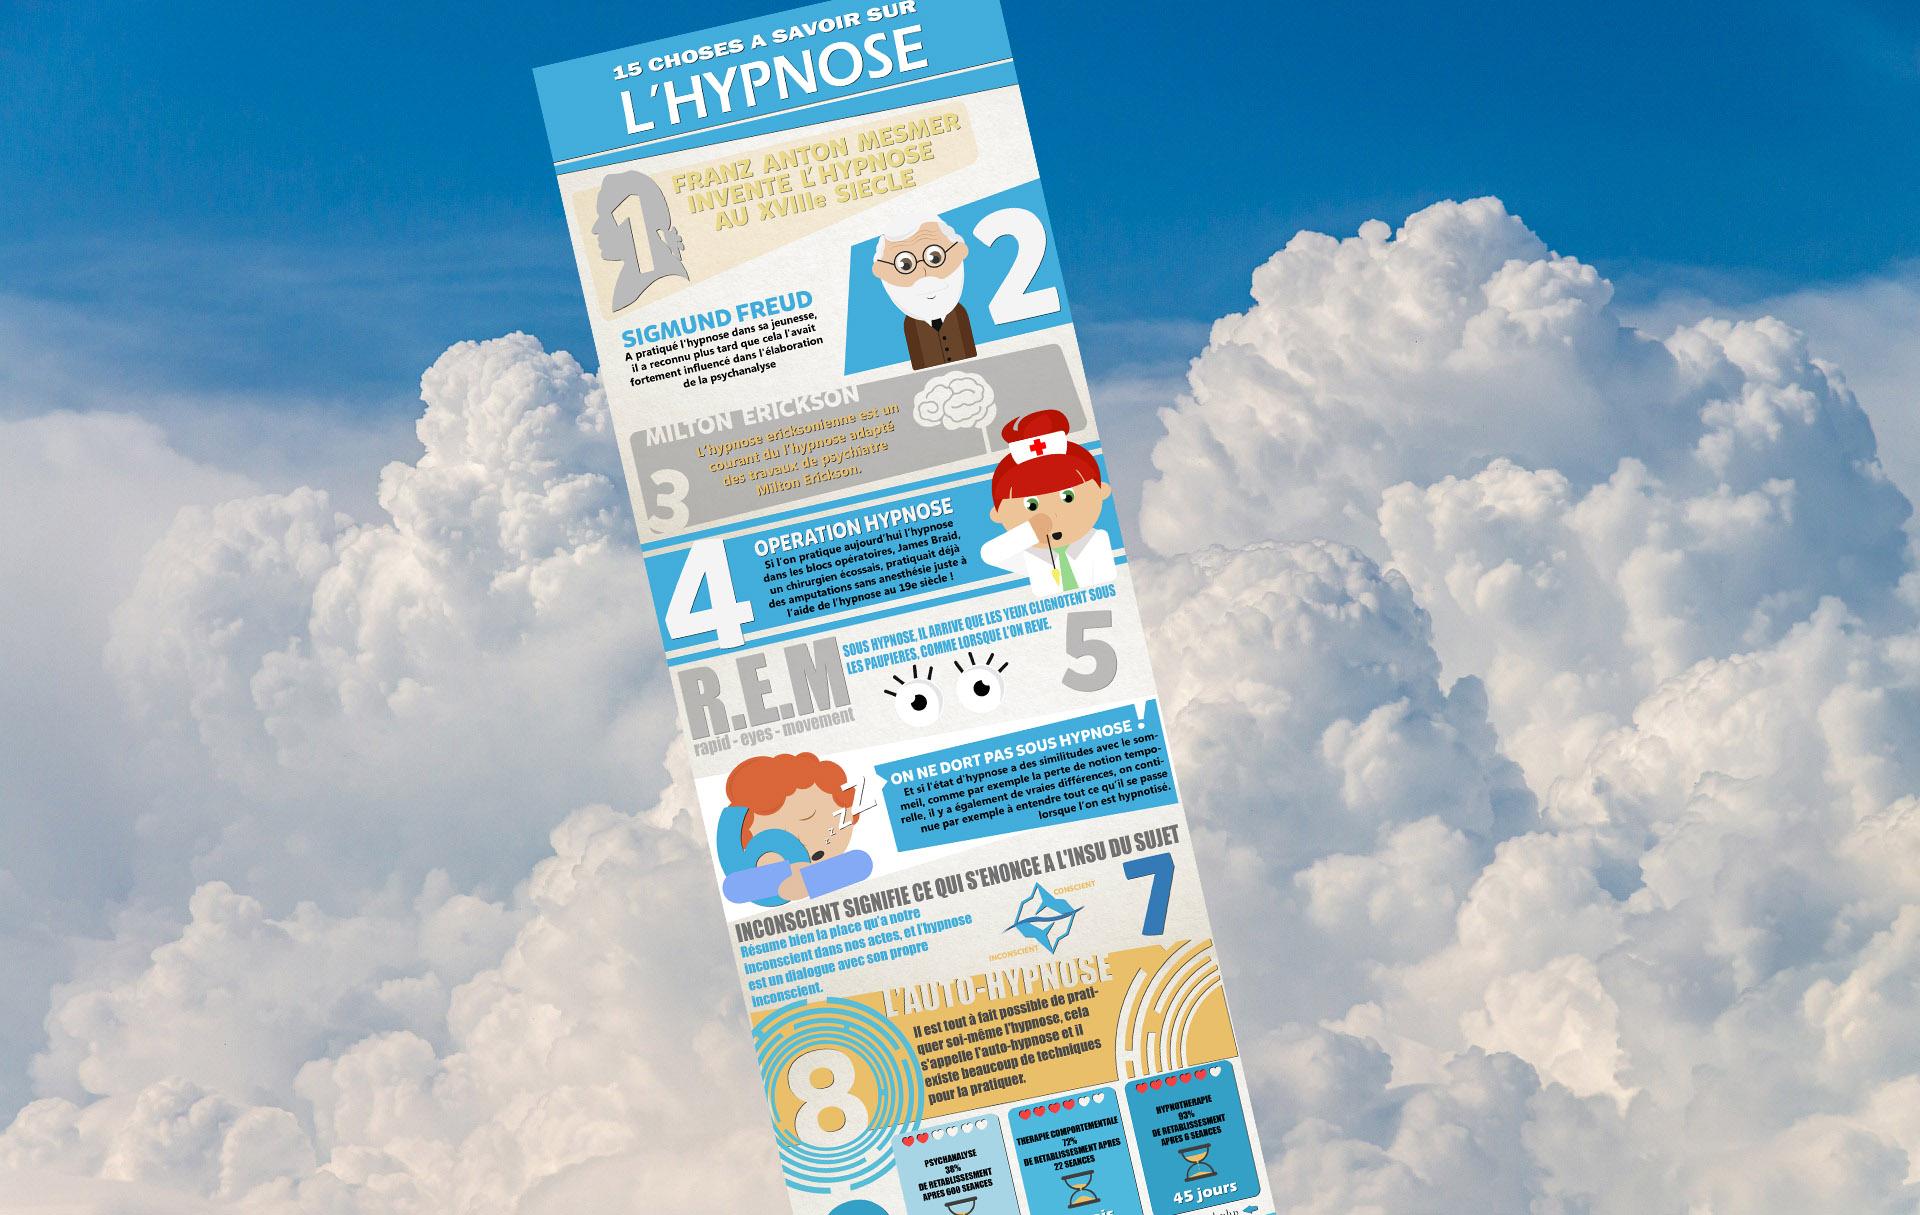 15 choses à savoir sur l'hypnose.